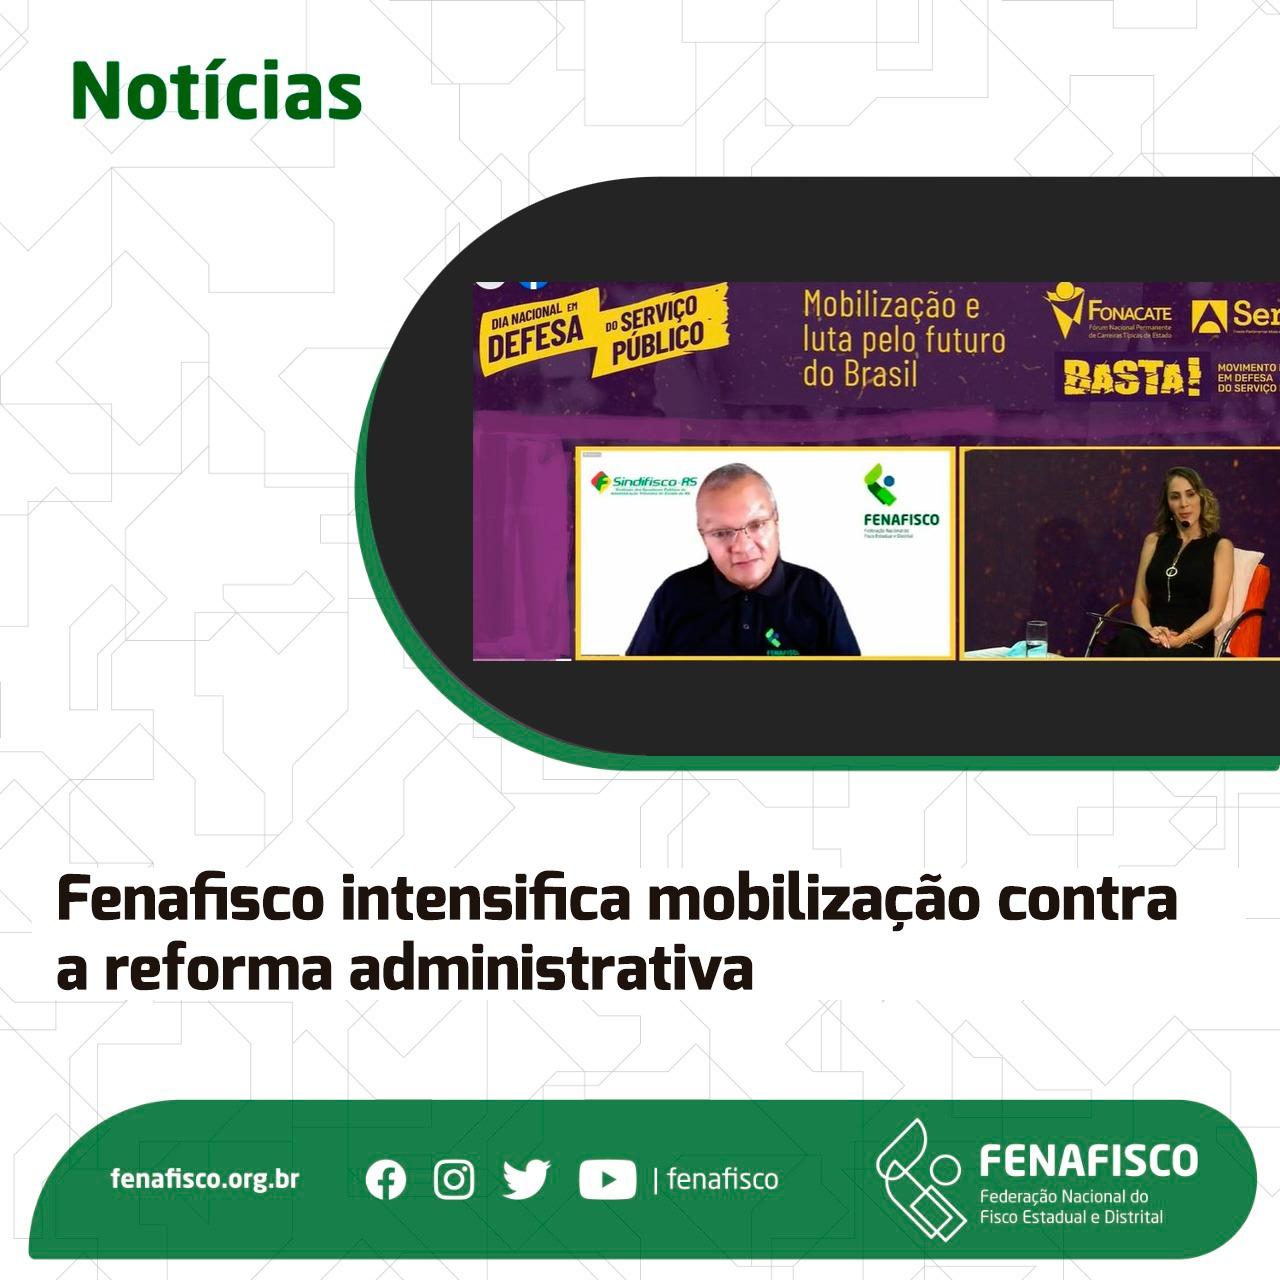 ReformaADM-Fenafisco.jpg